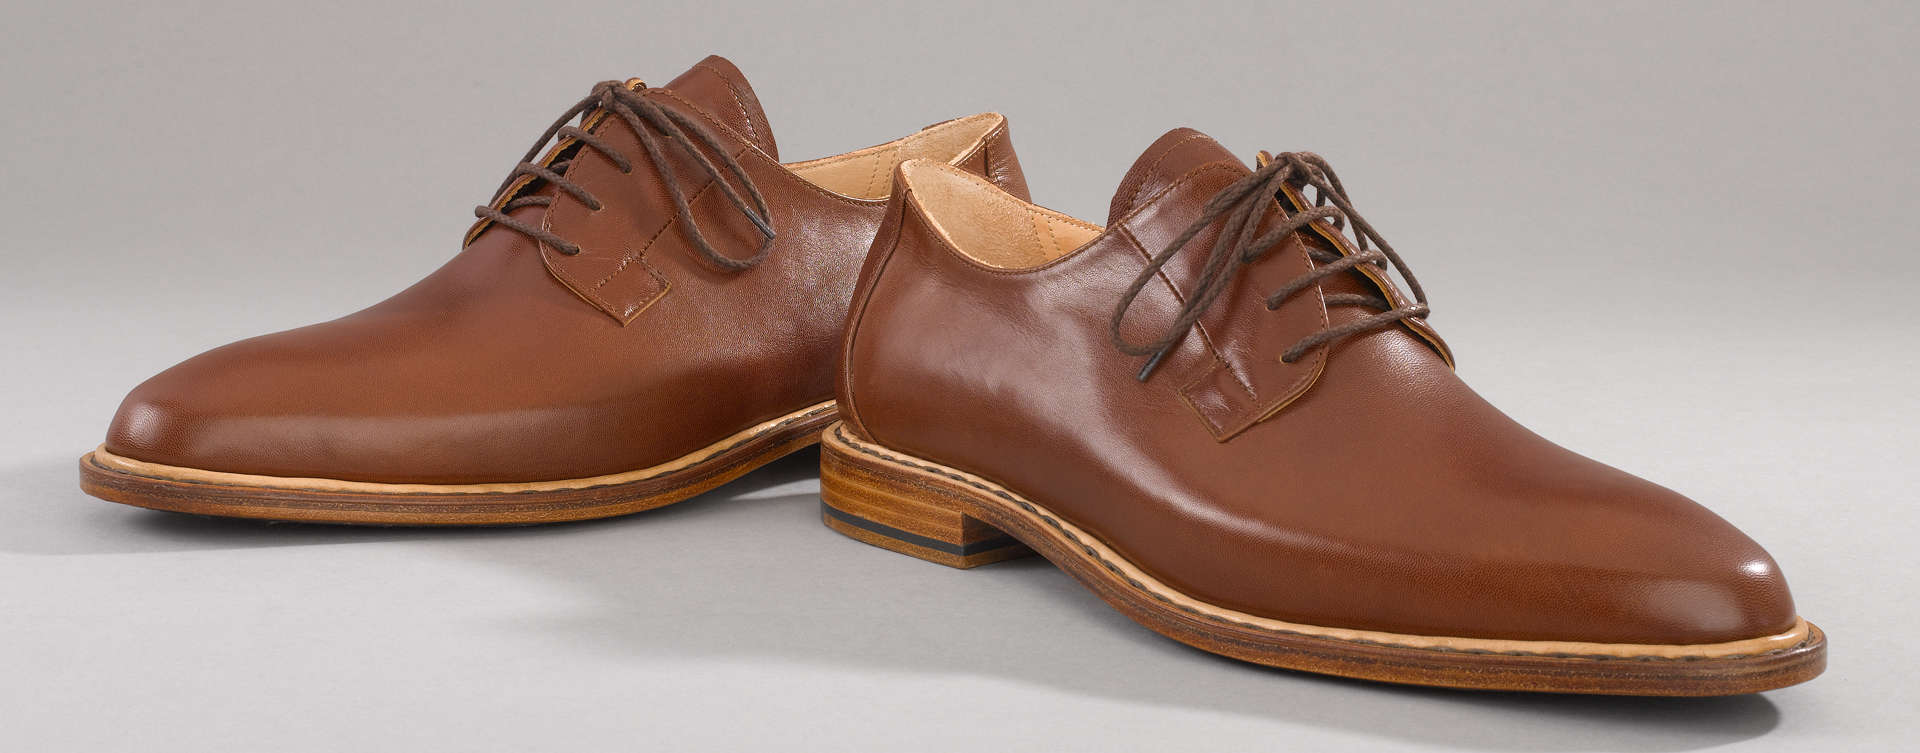 Ein Klassiker unter den eleganten Schuhen mit offener Schnürung. Erkennungsmerkmal des Blücher ist der markante, gestreckte Grundschnitt des Schaftes mit seinen kunstvoll angestürzten Schnürteilen.